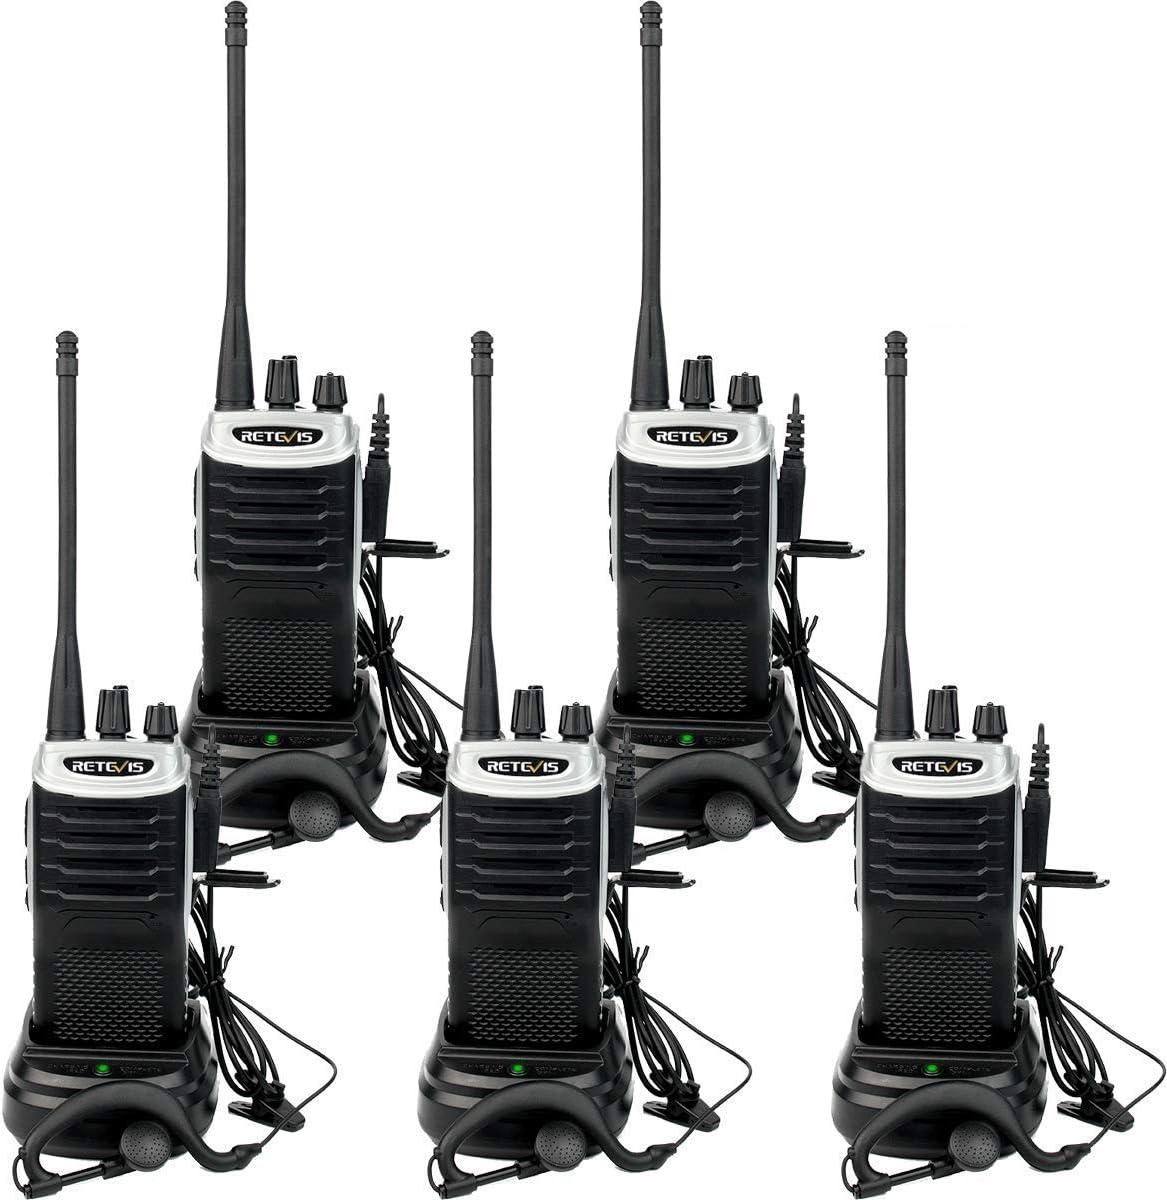 Retevis RT7 Walkie Talkie Profesional, Radio Bidireccional de Largo Alcance con Auriculares, Radioaficionado Ligero Recargable con FM VOX para Tienda, ...